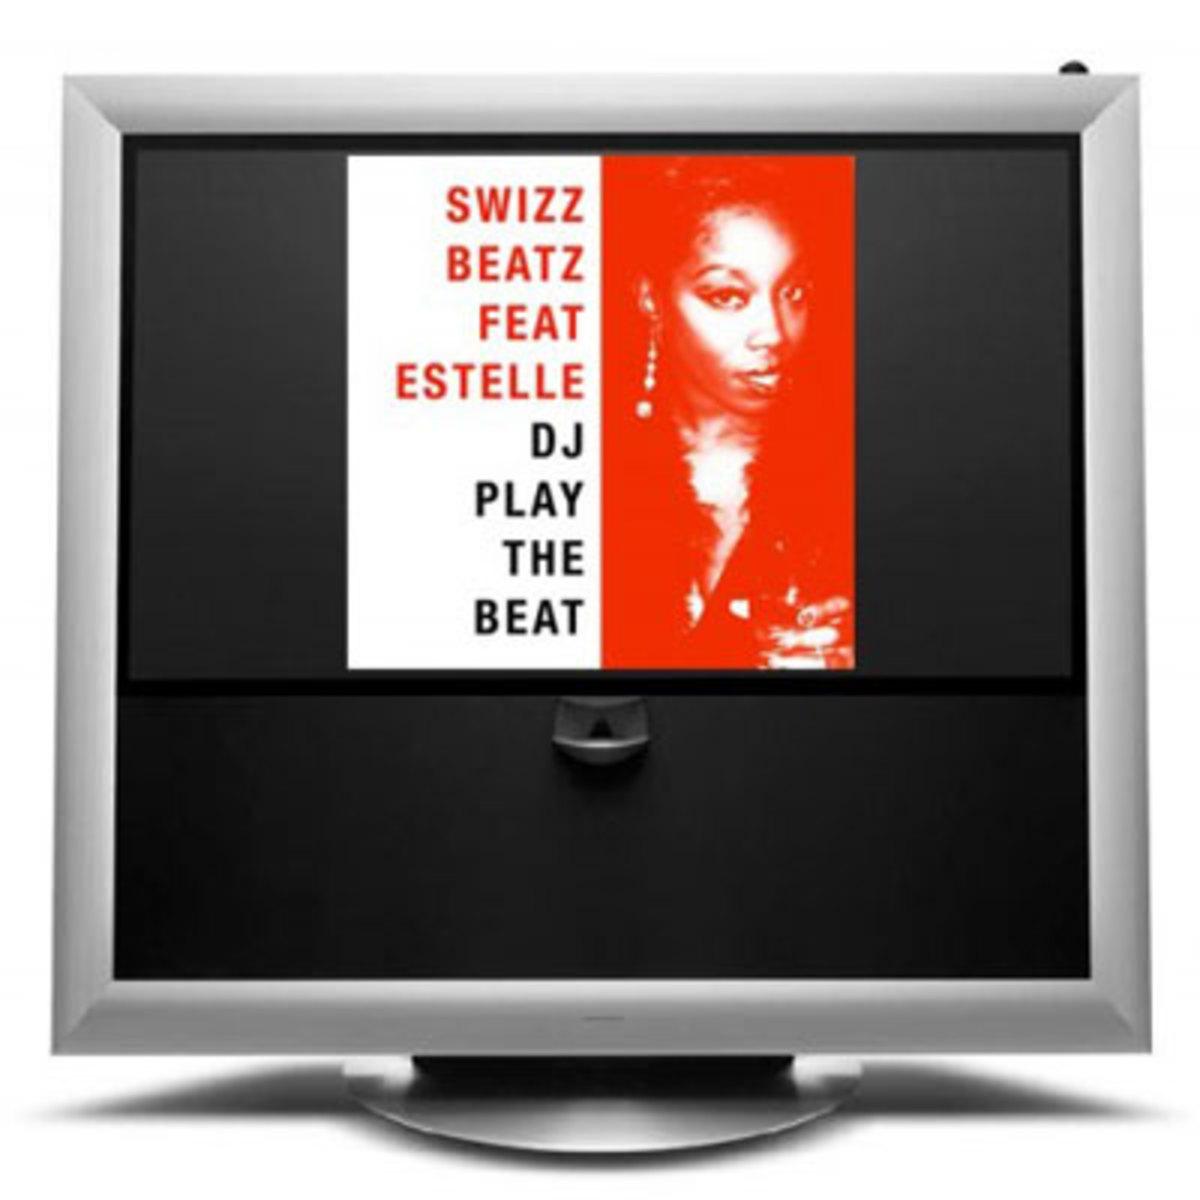 swizzbeatz-djplaythebeat.jpg